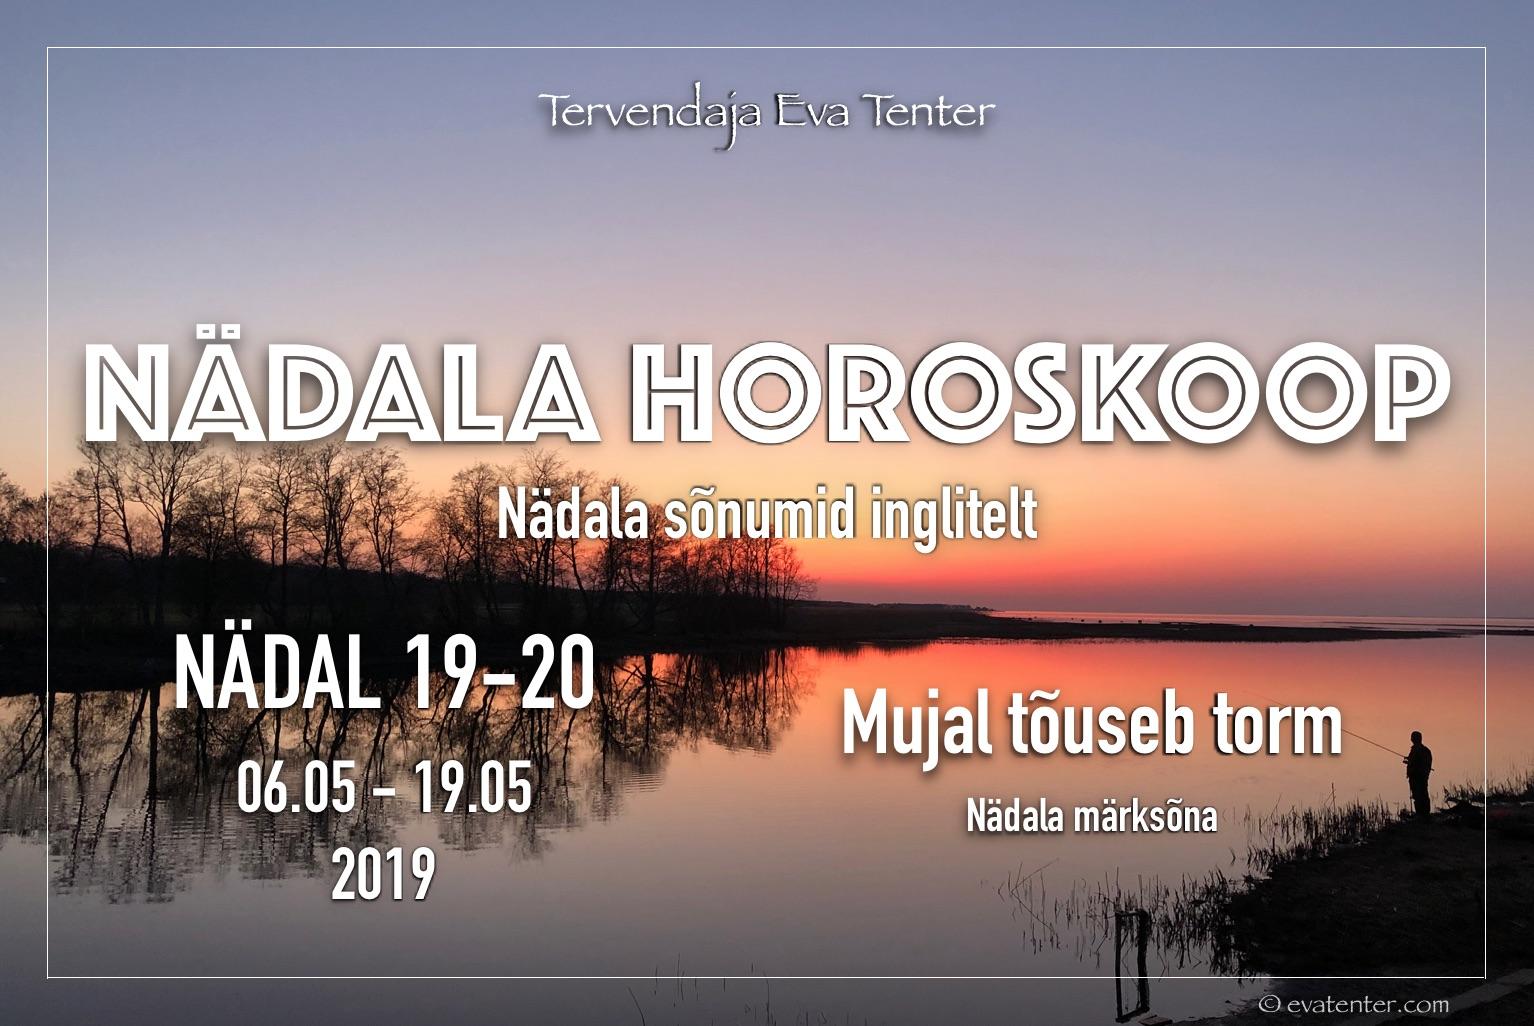 Nädala horoskoop 06.05-19.05.2019